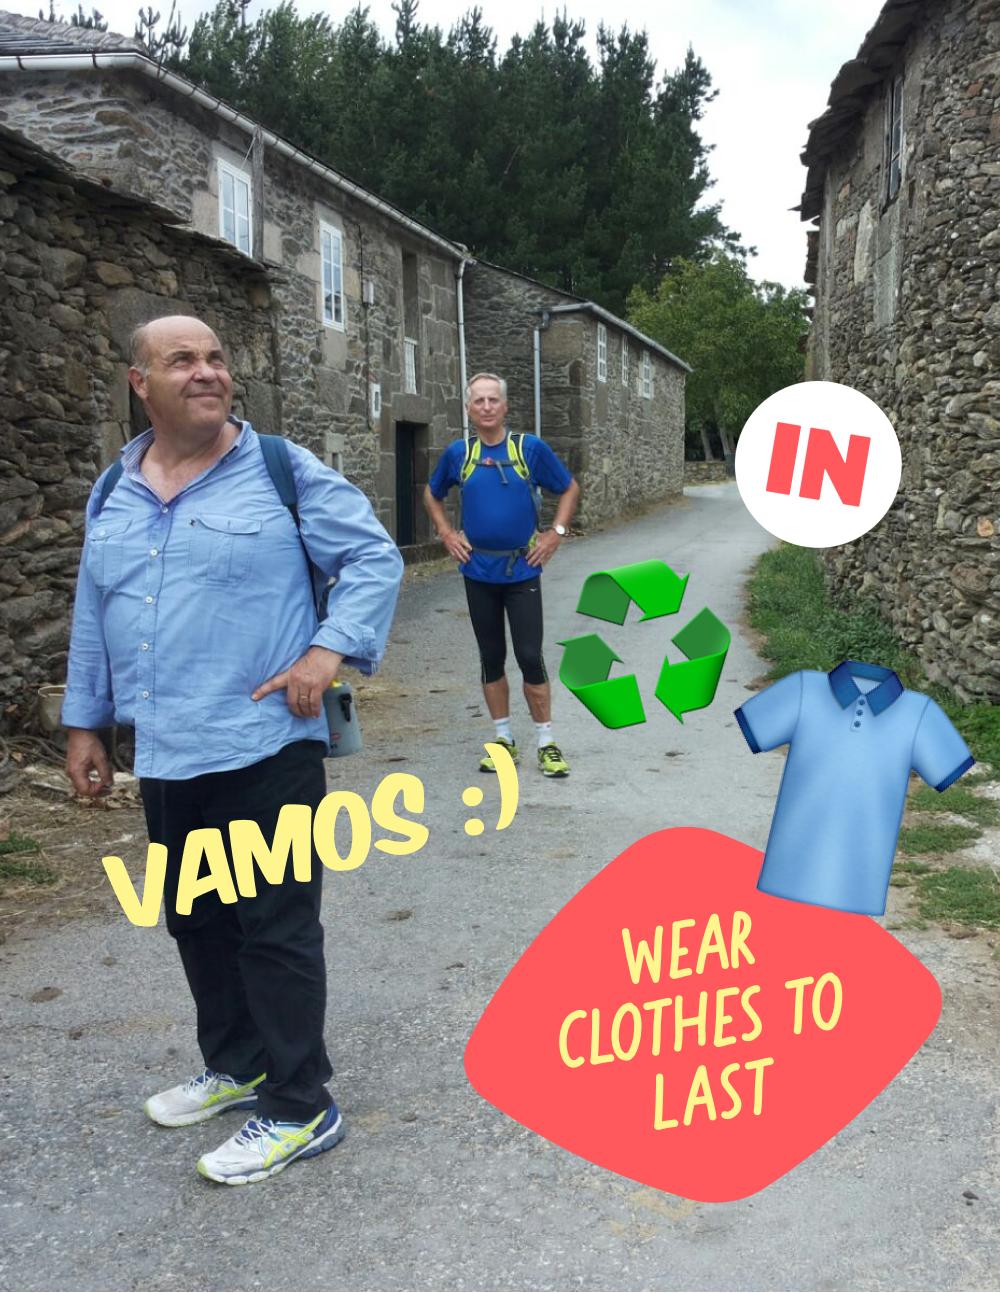 Two men walking Camino De Santiago